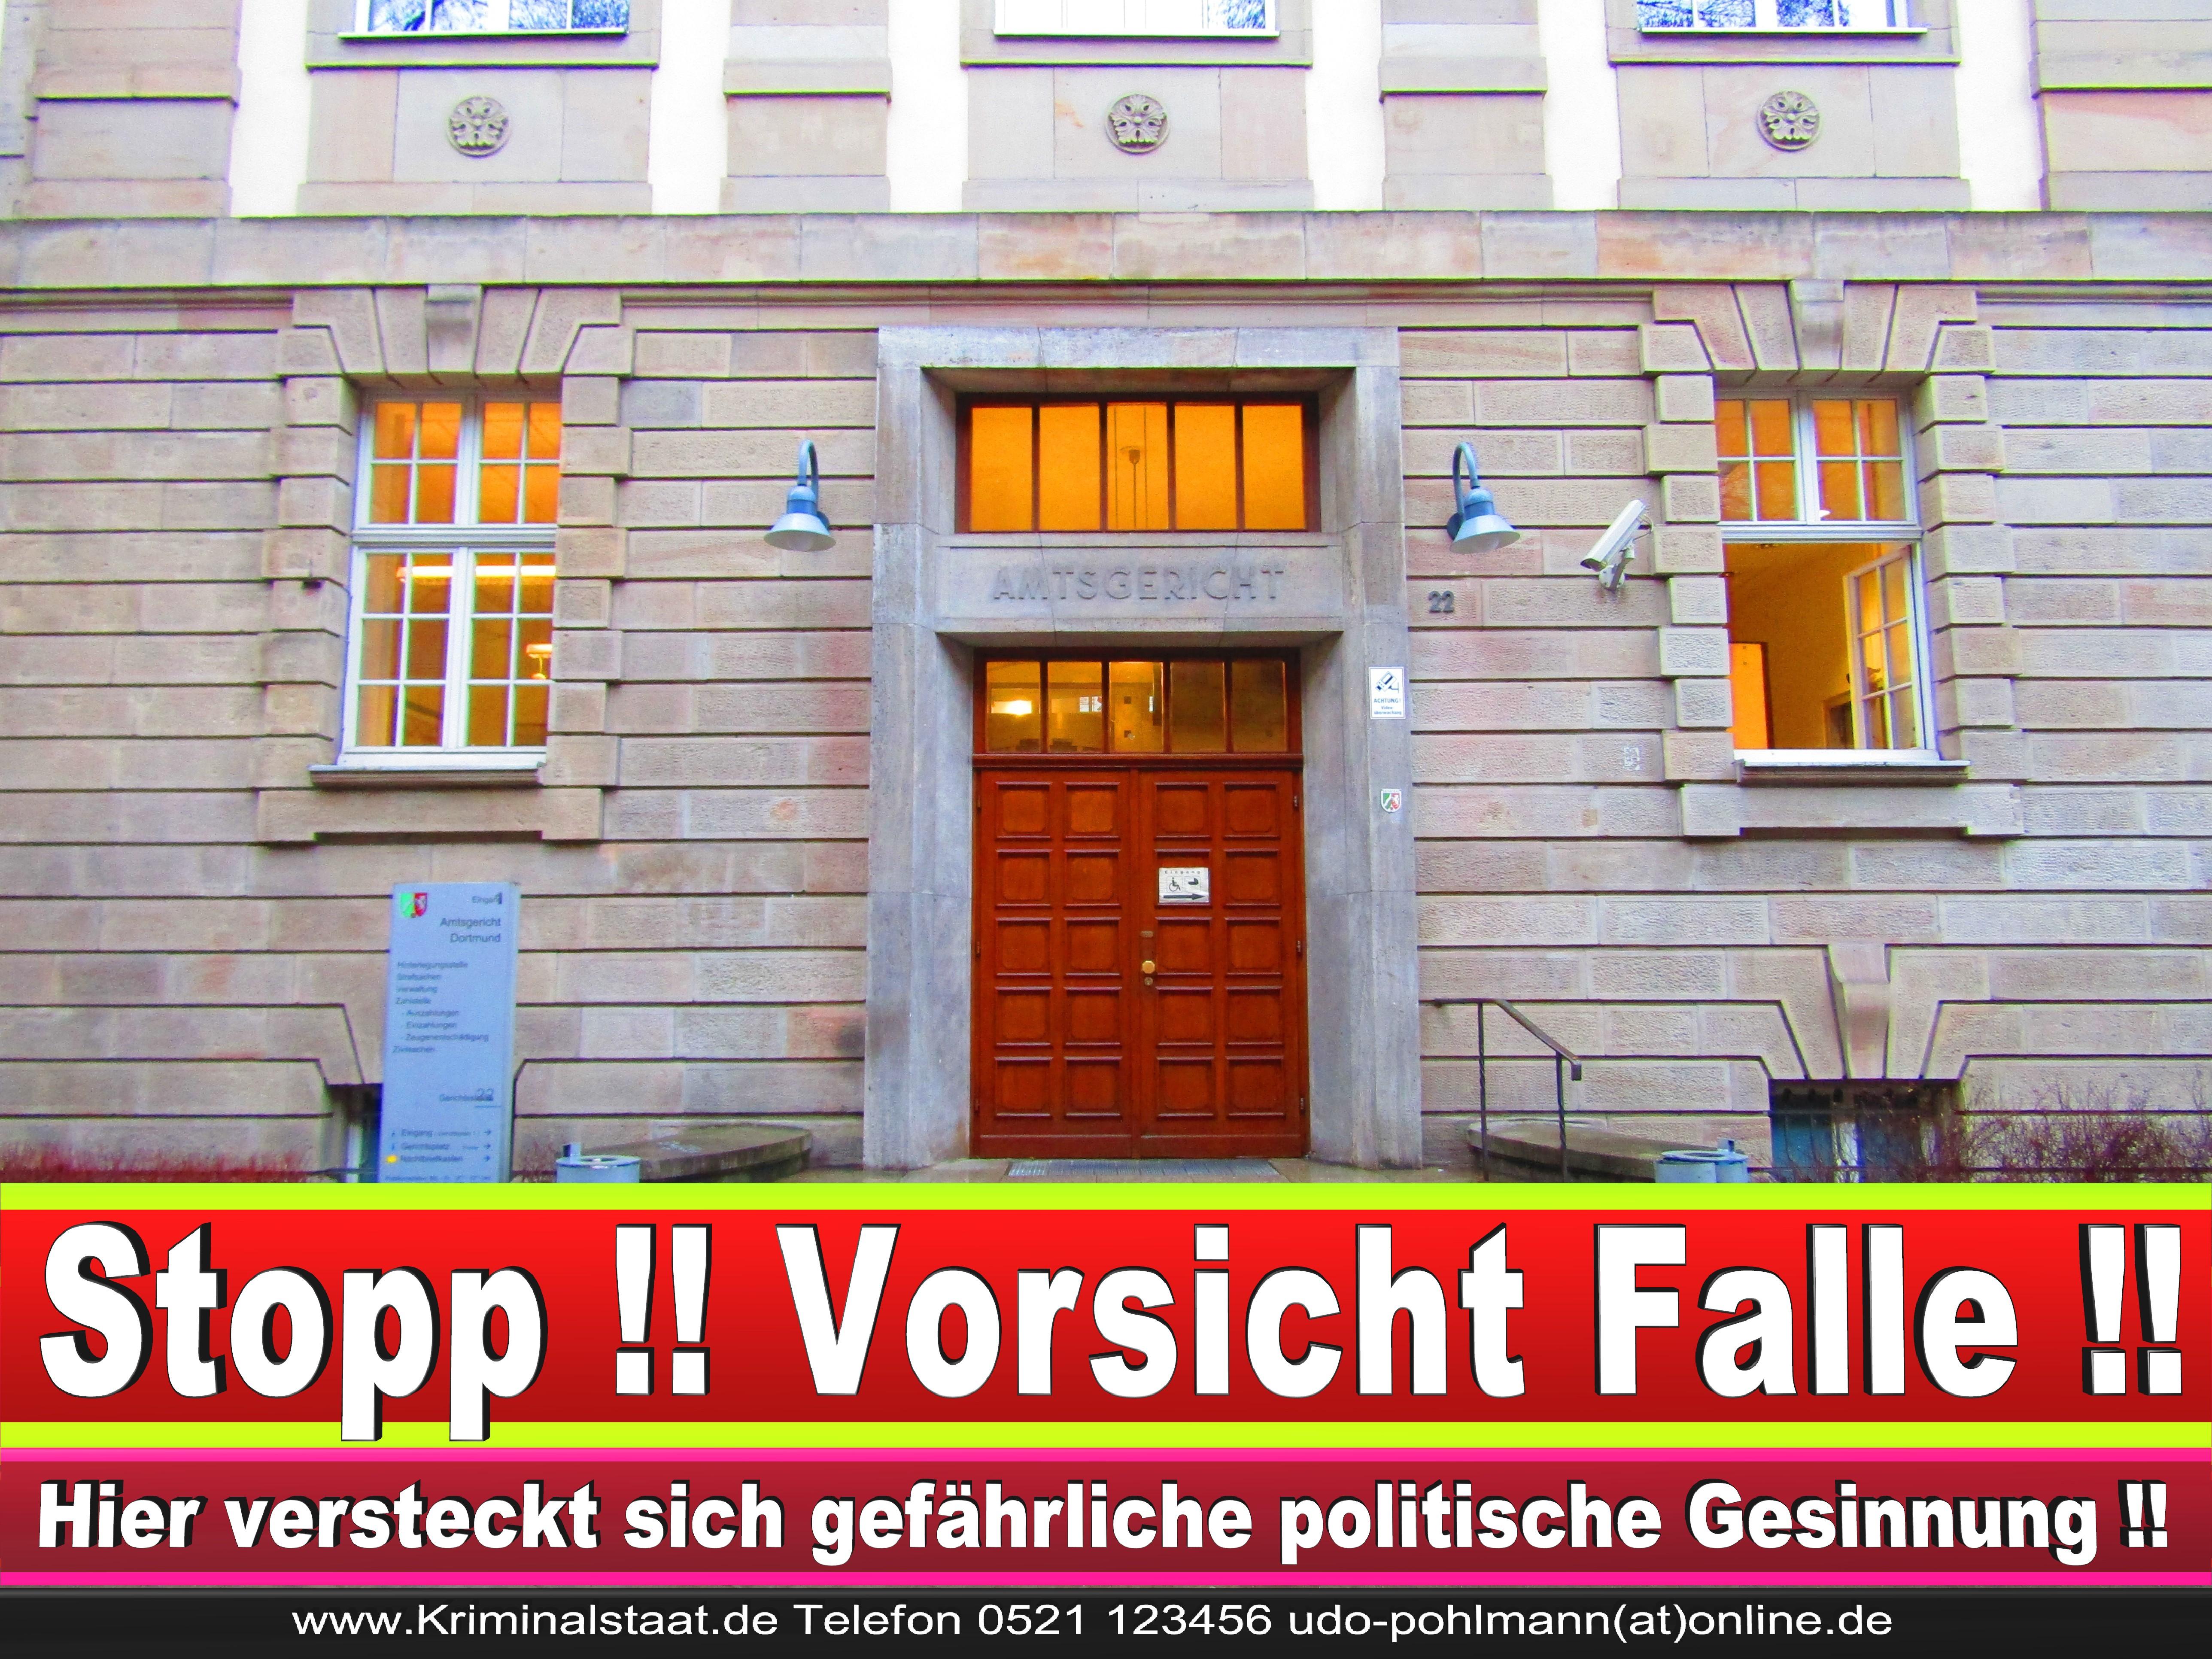 AMTSGERICHT DORTMUND RICHTER AUSBILDUNG PRAKTIKUM ANFAHRT URTEILE KORRUPTION POLIZEI ADRESSE DIREKTOR (3) 2